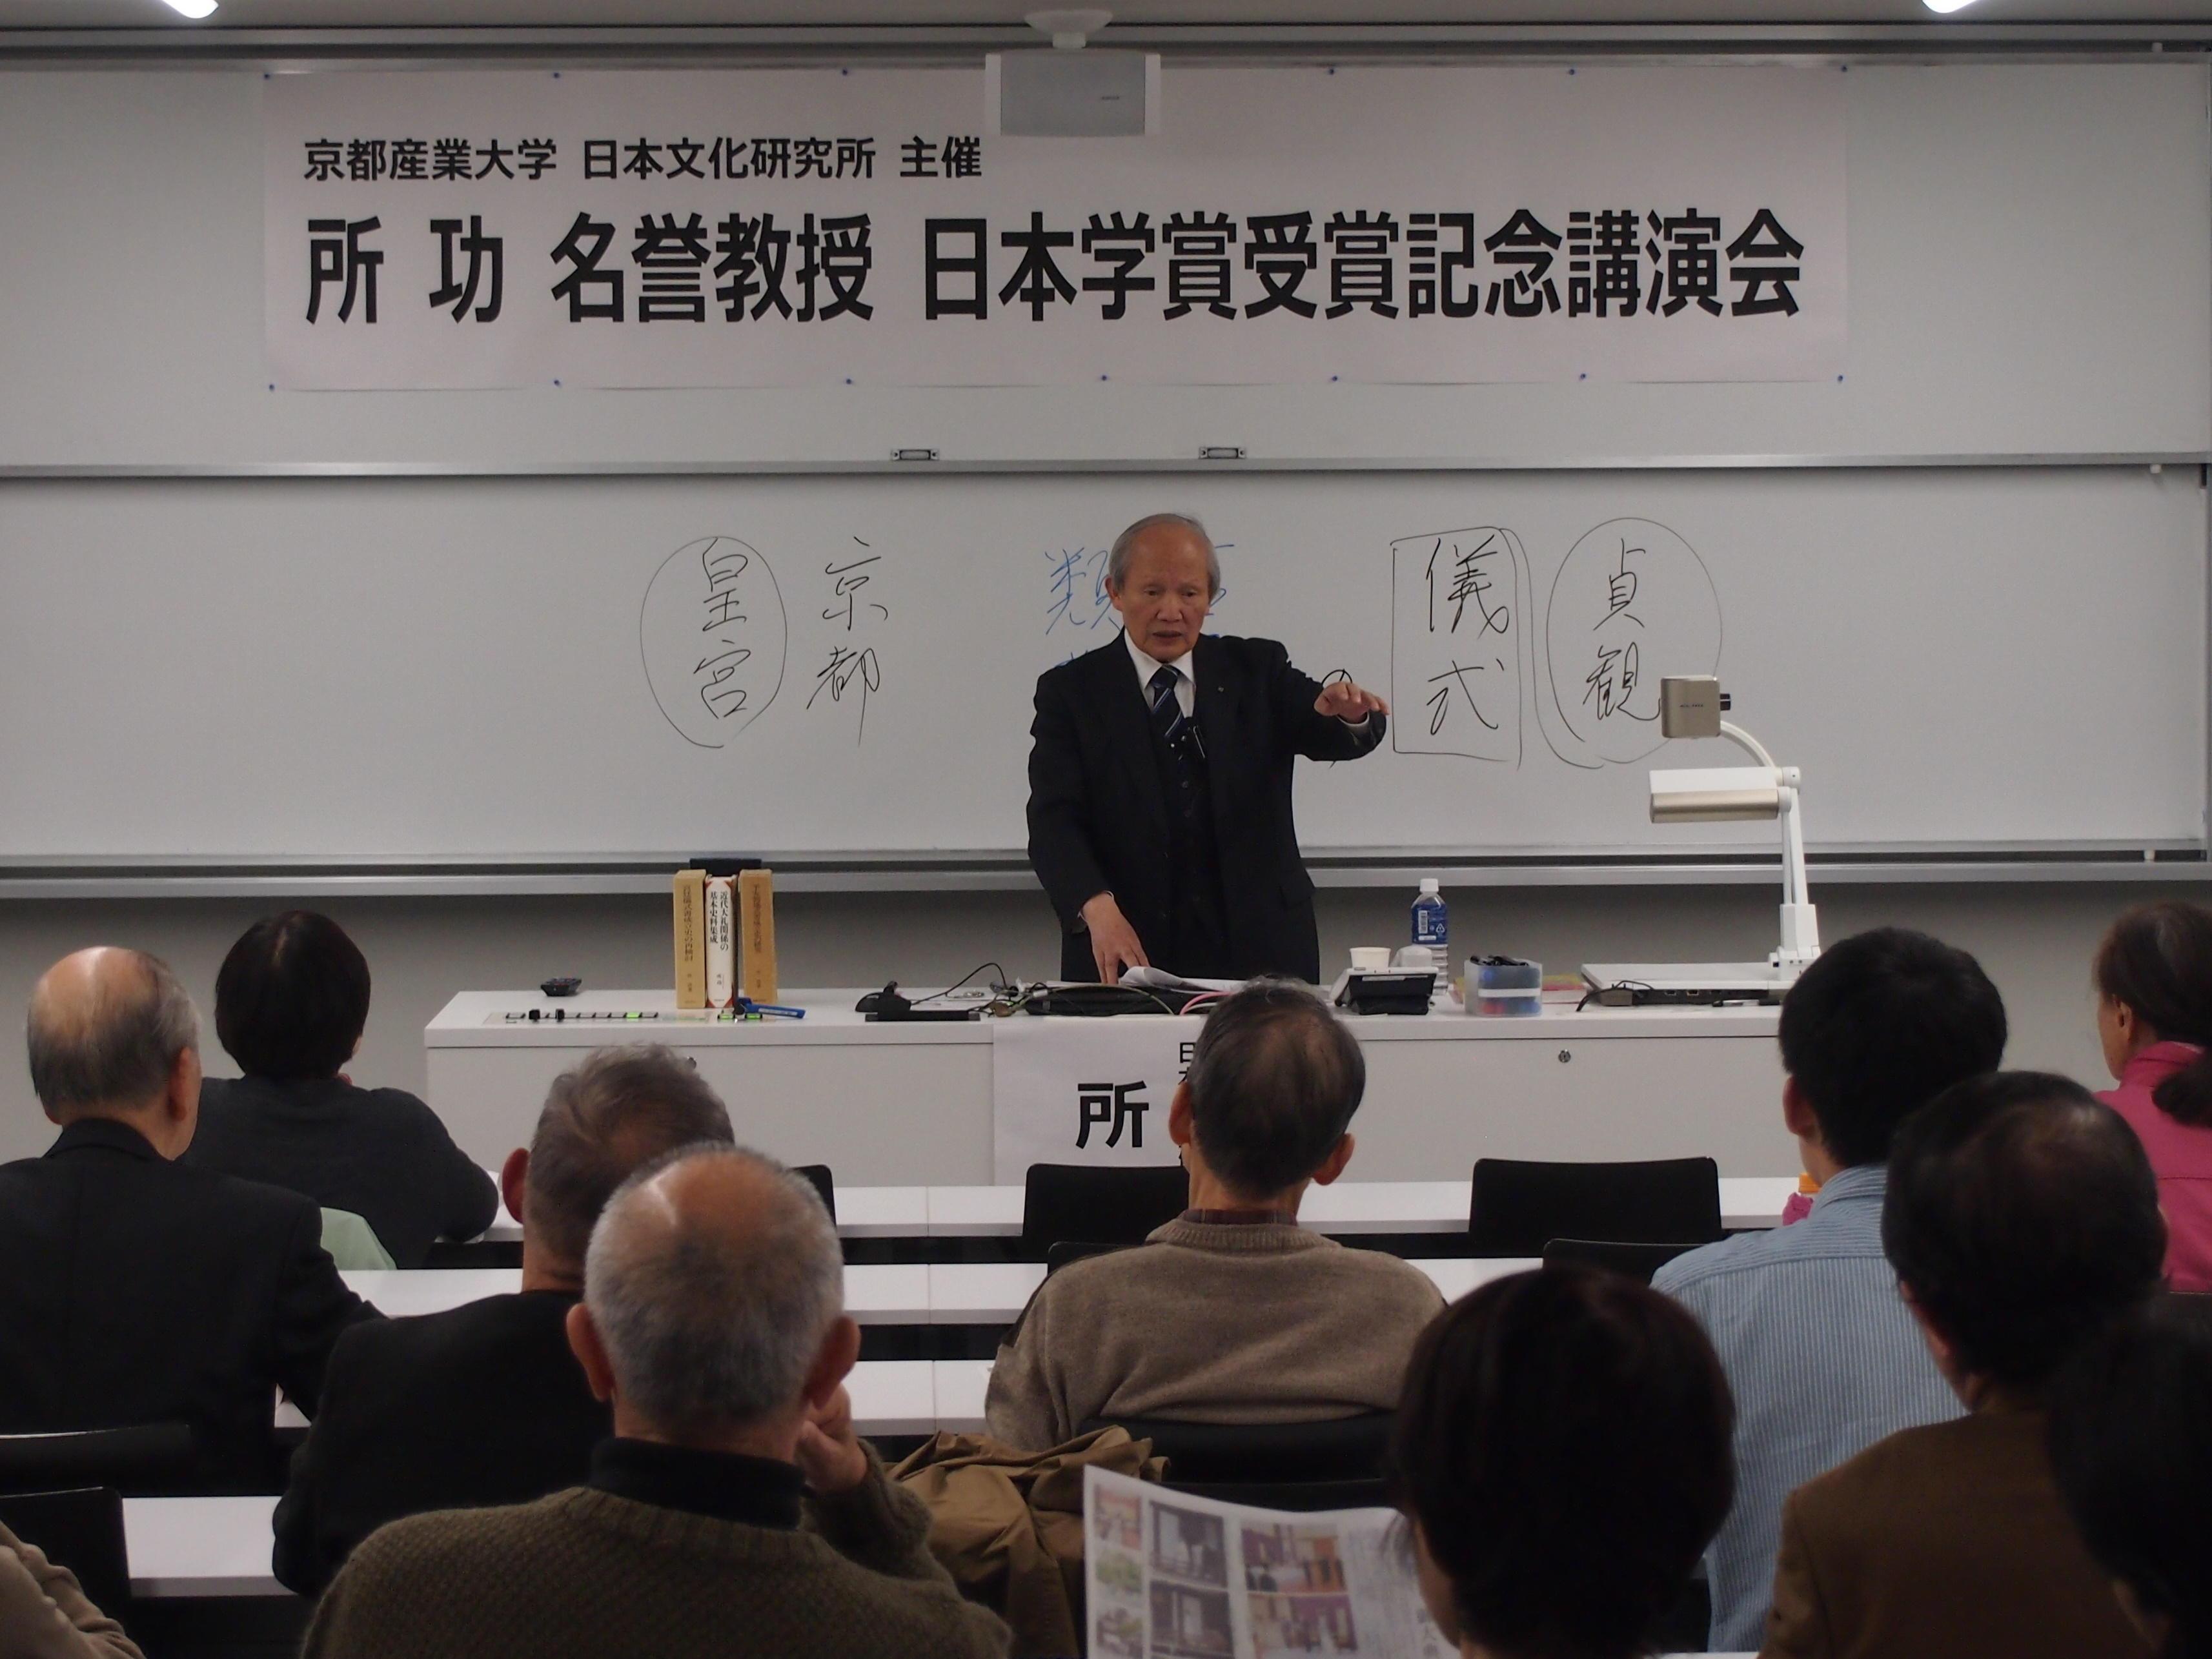 【京都産業大学】宮廷文化を分かりやすく解説!所功名誉教授の日本学賞受賞記念講演会を開催